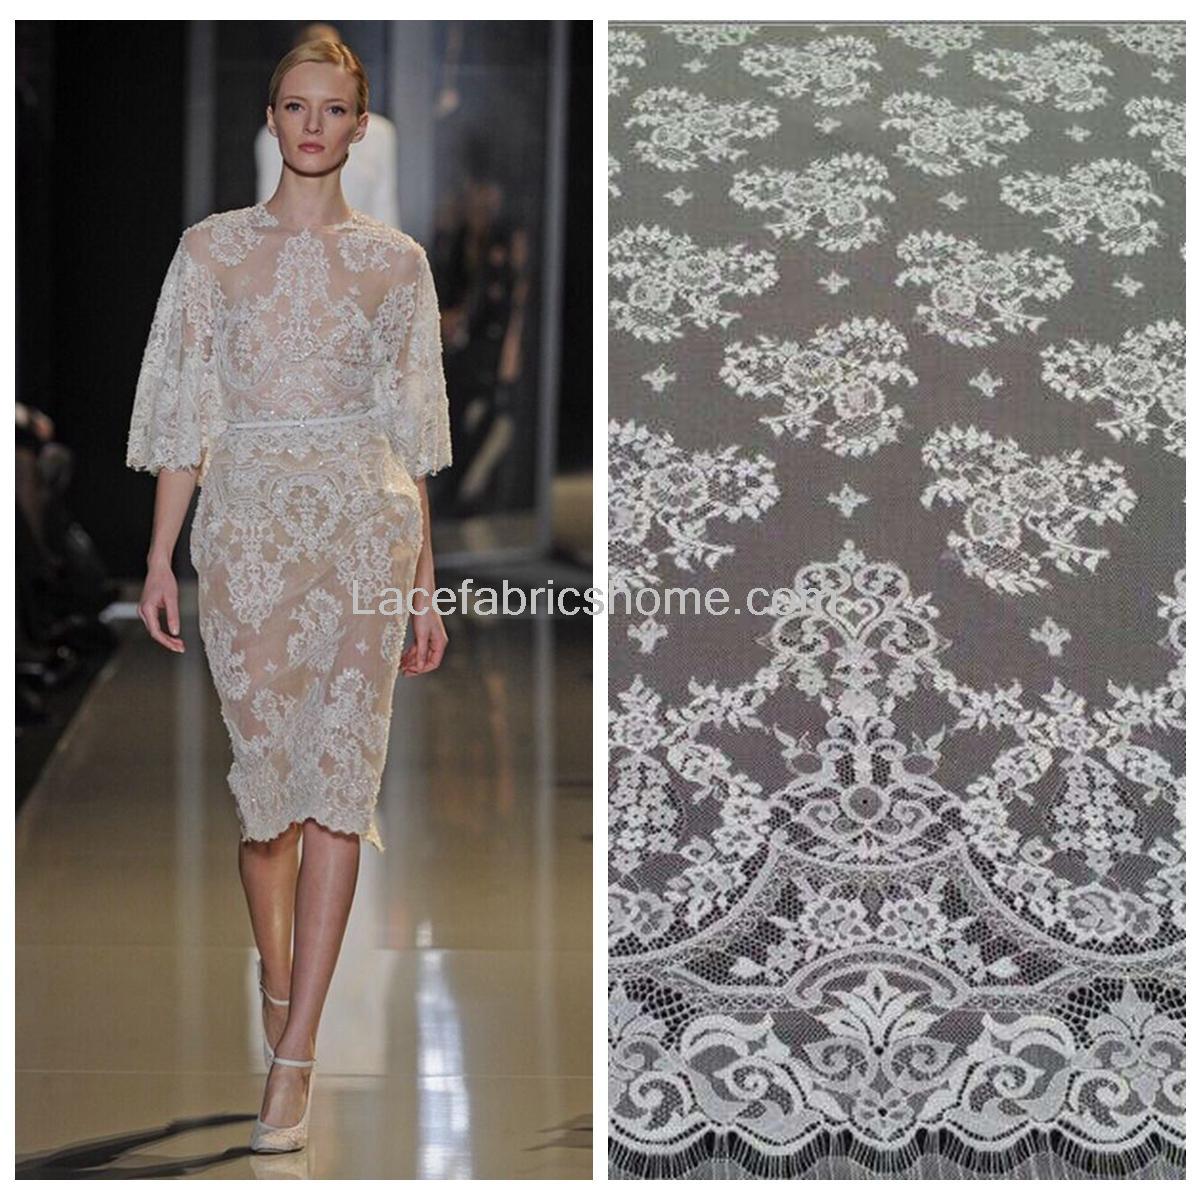 La Belleza 3 meters/pc Off wit, huid, ivoor Venetië geborduurde Franse wimper bruids kant stof 59X177 inches